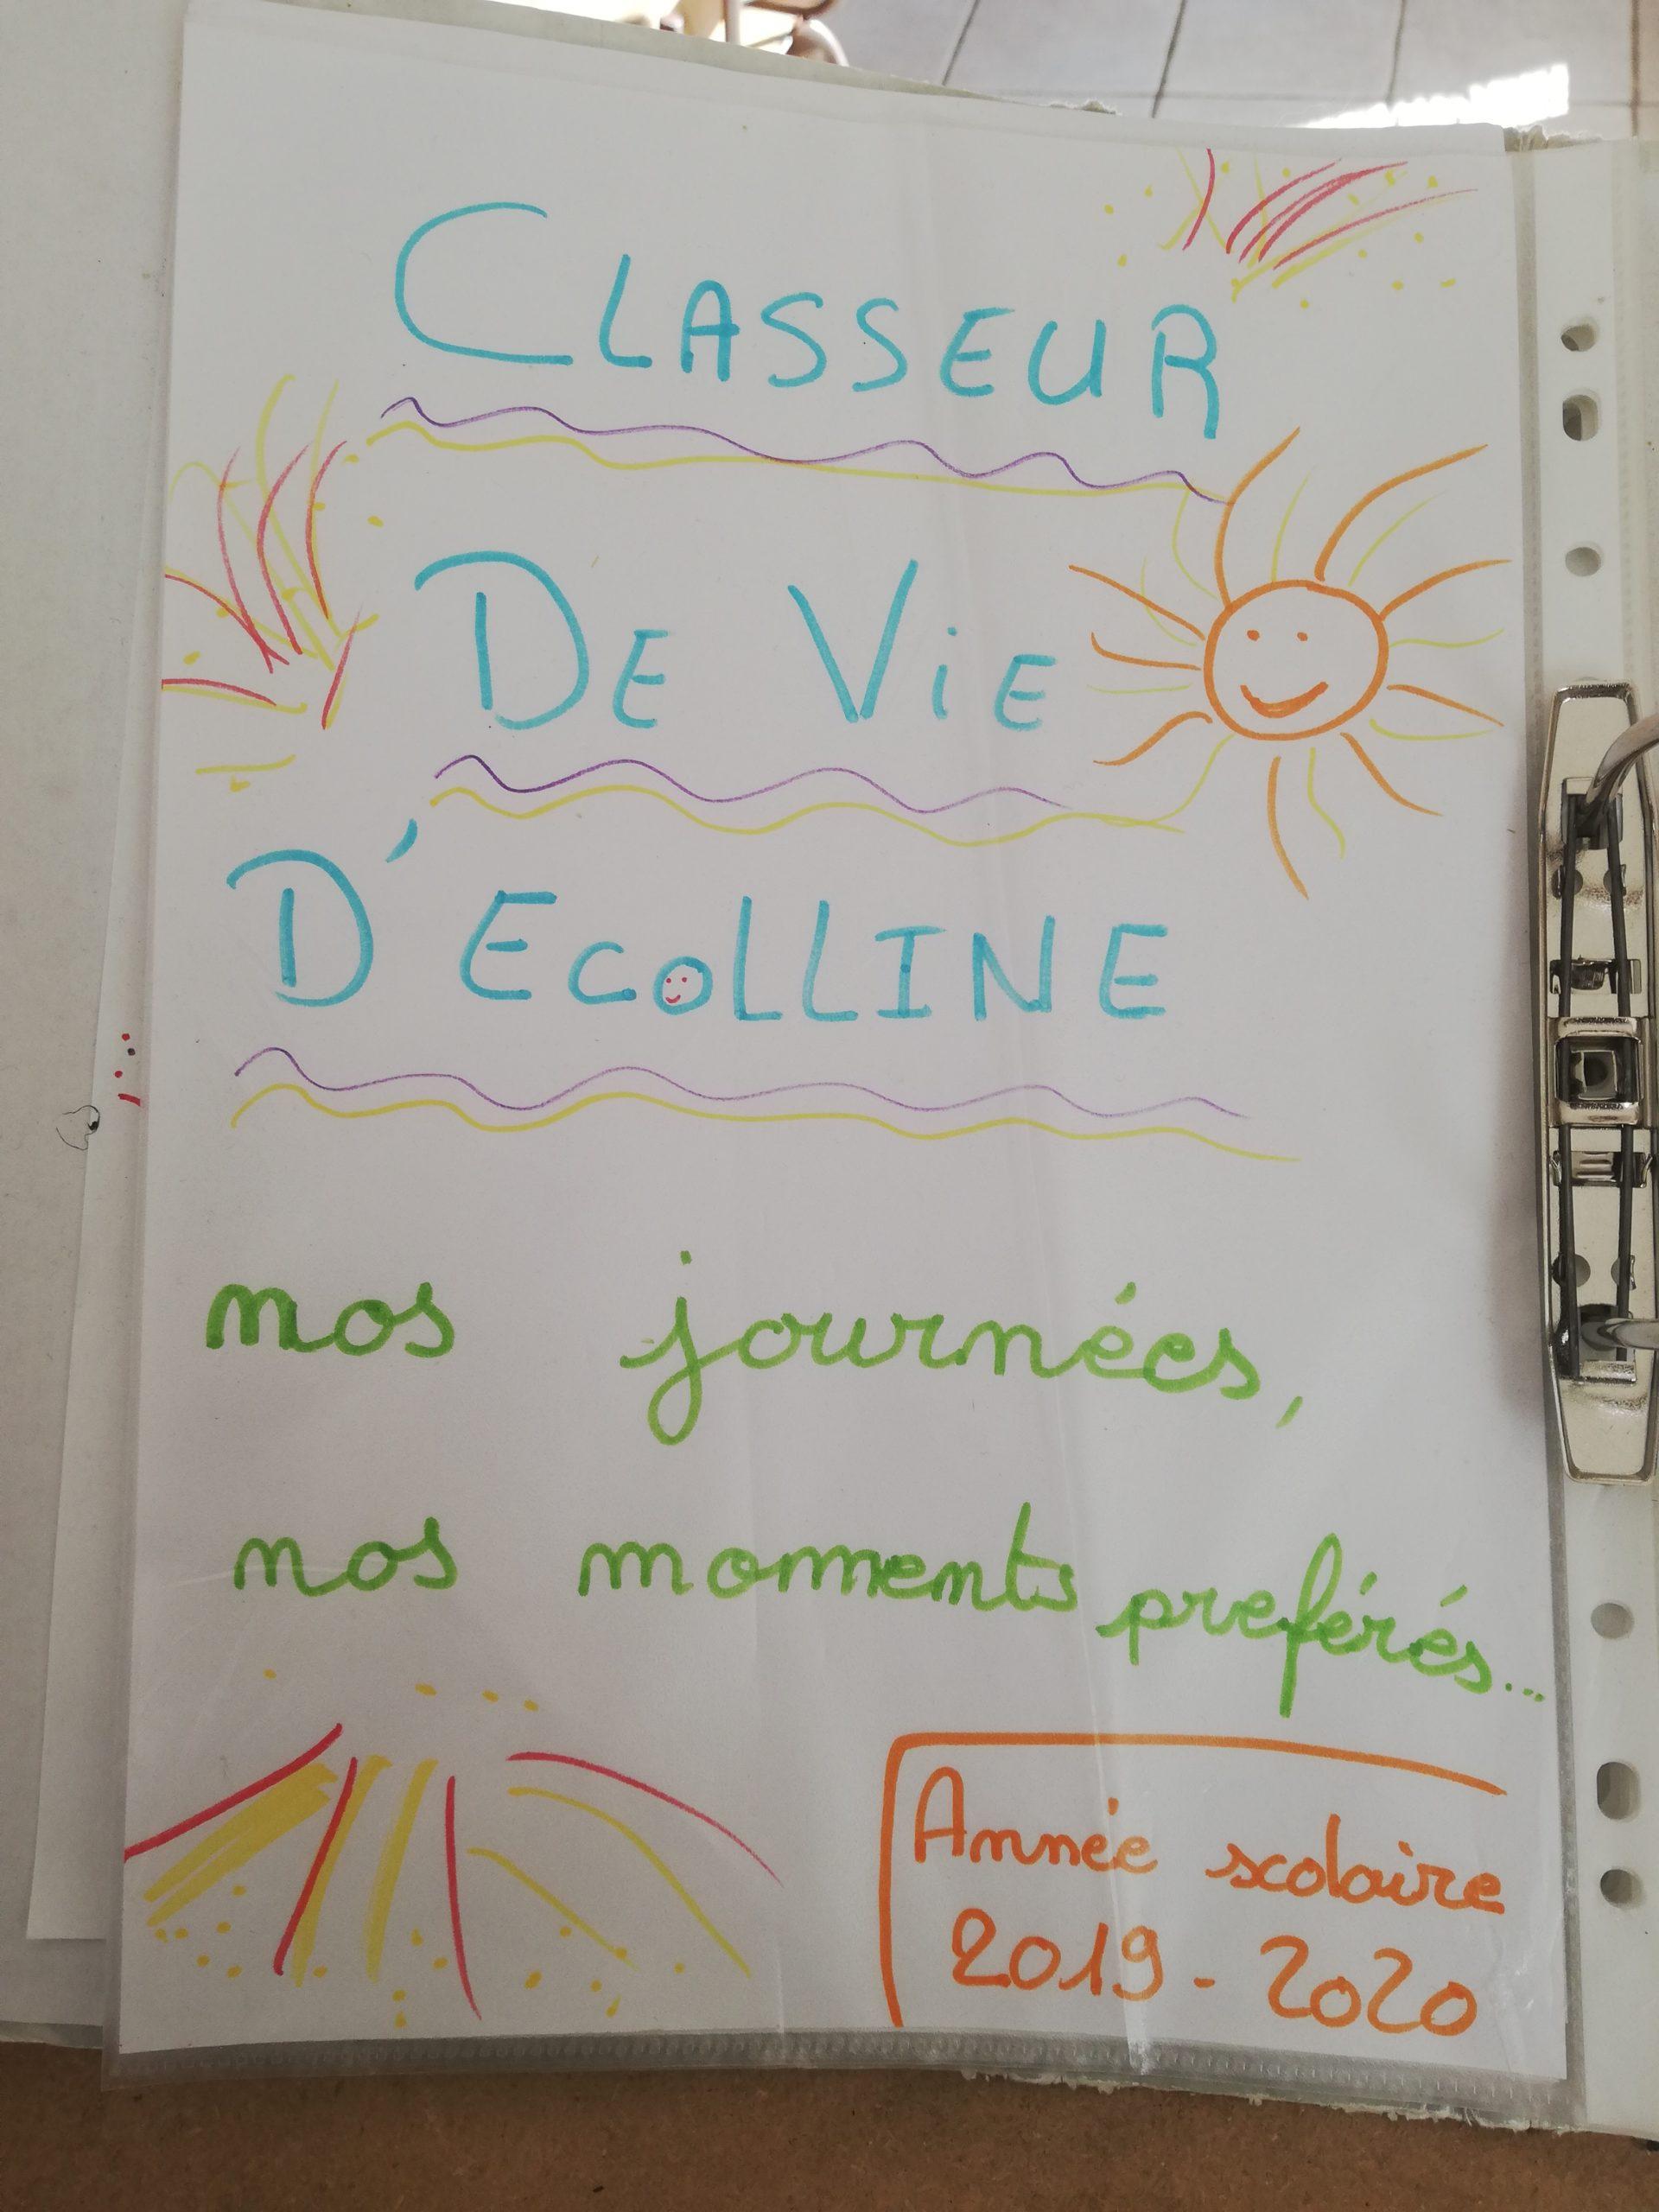 Classeur de  vie d' Ecolline